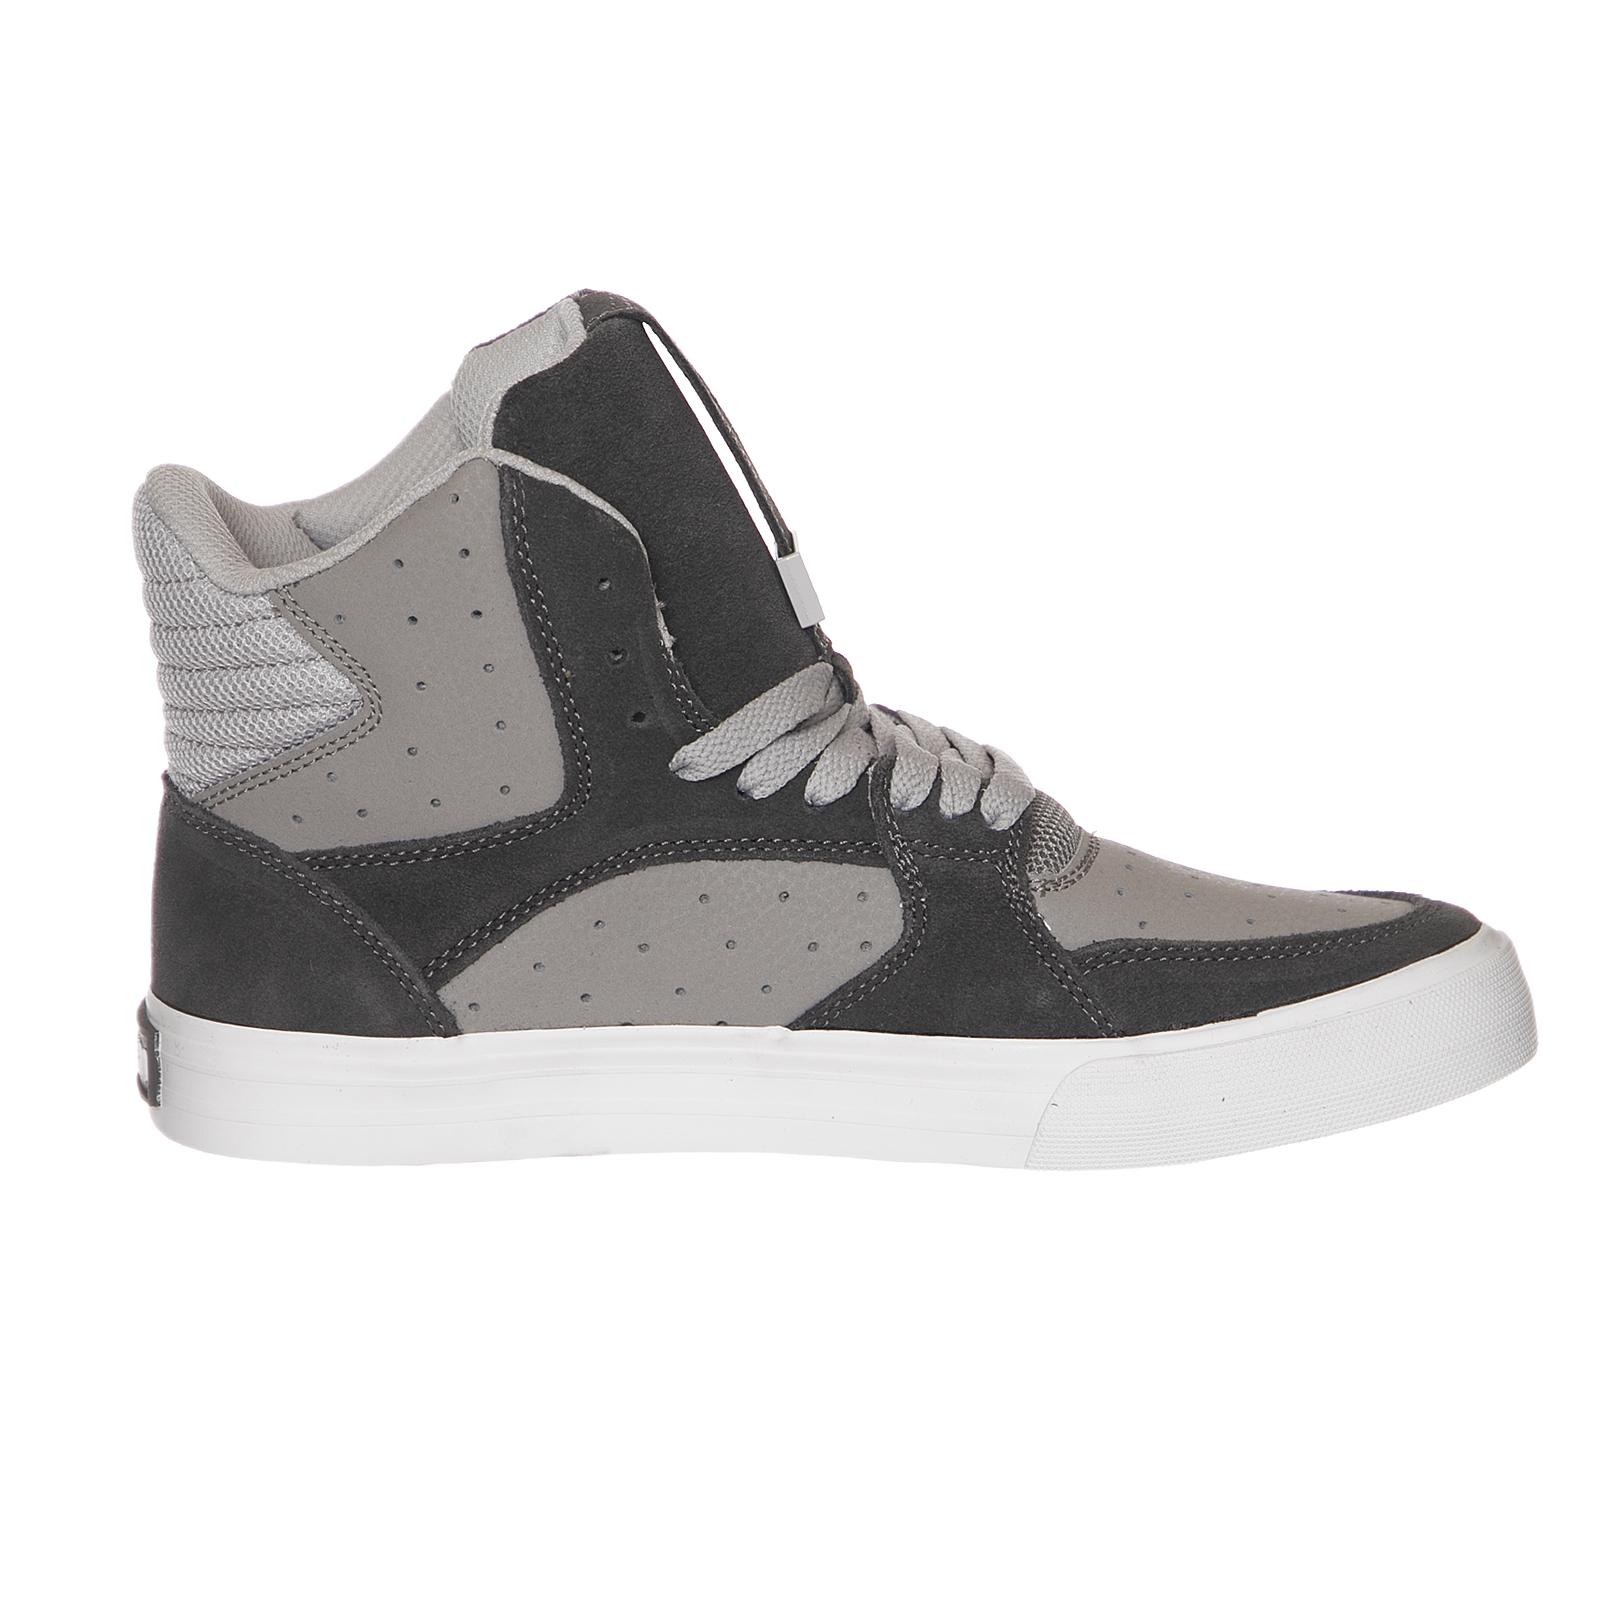 3000 Grigio Sneakers Vaider chiaro Bianco Supra TCBq1Anx